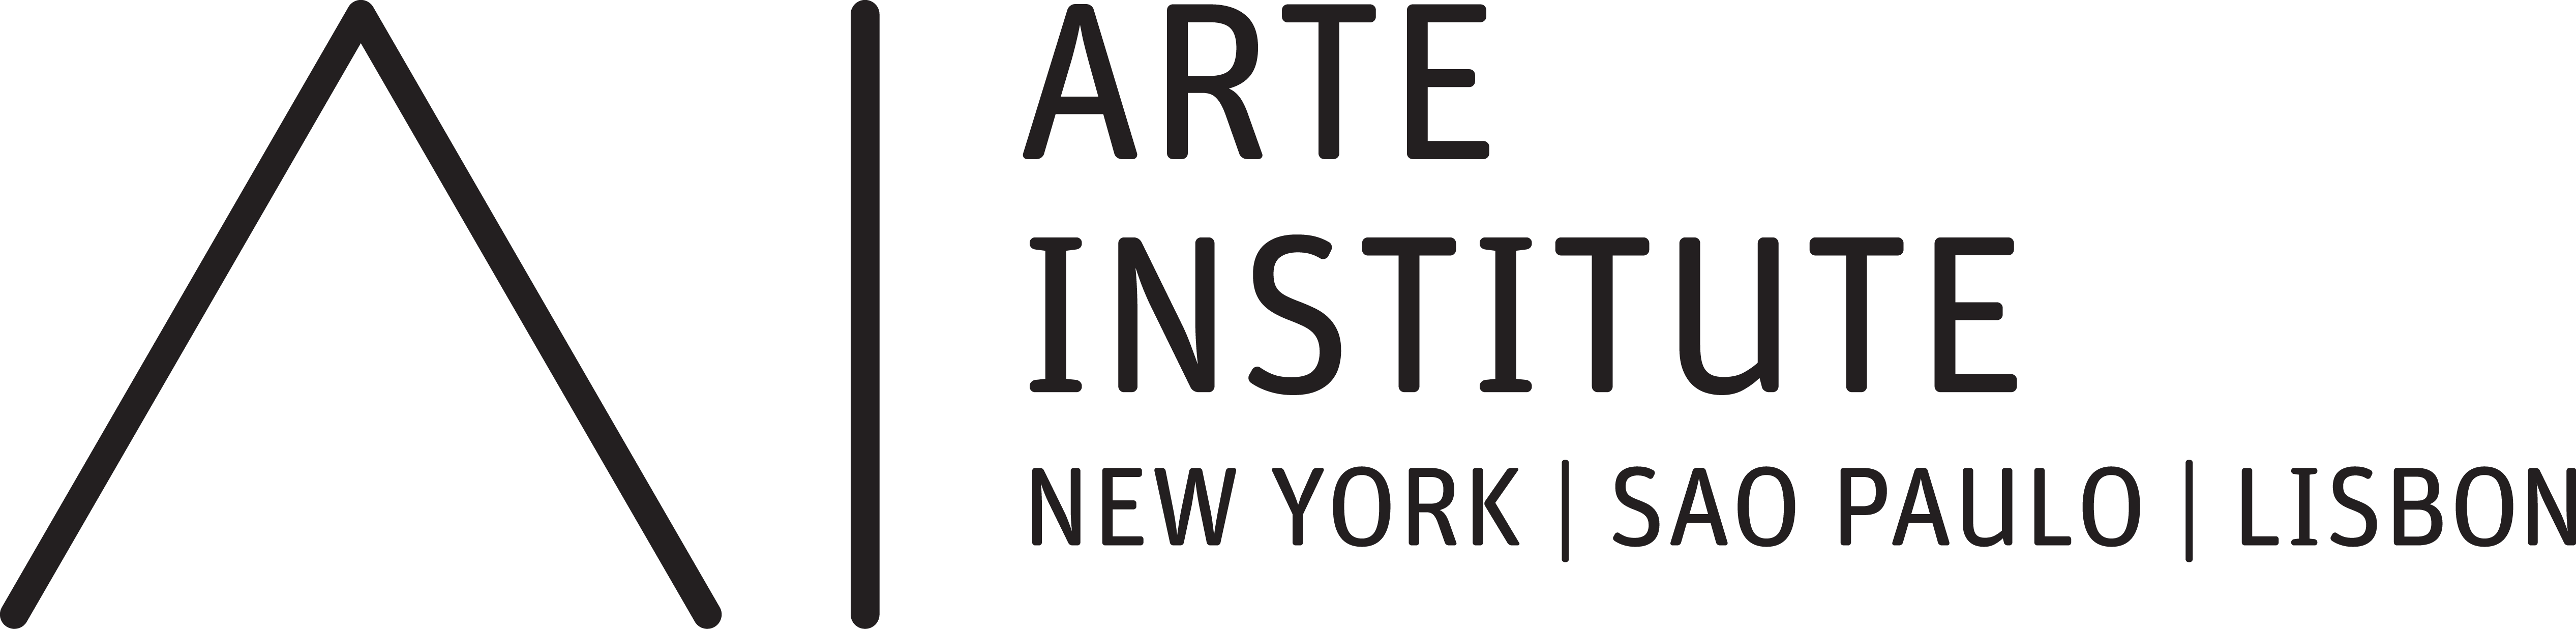 Arte Institute